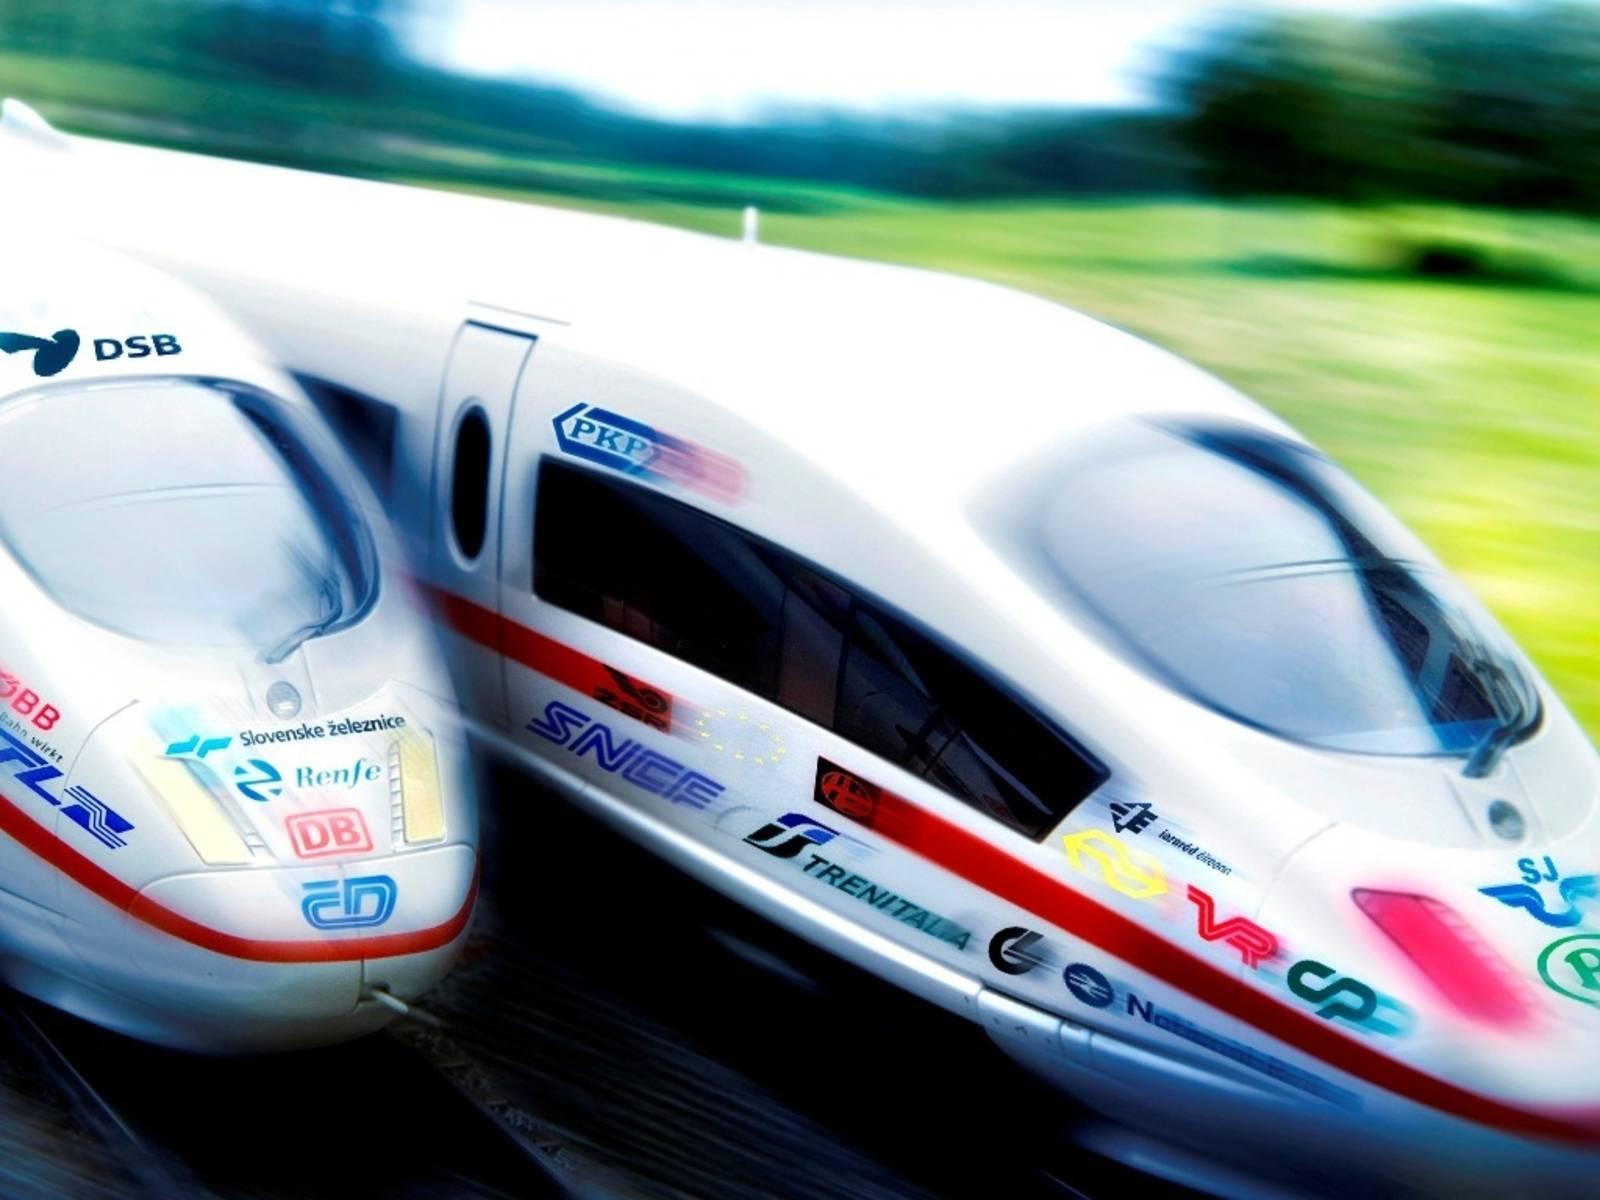 Zwei Schnellzüge mit Logos verschiedener Bahngesellschaften